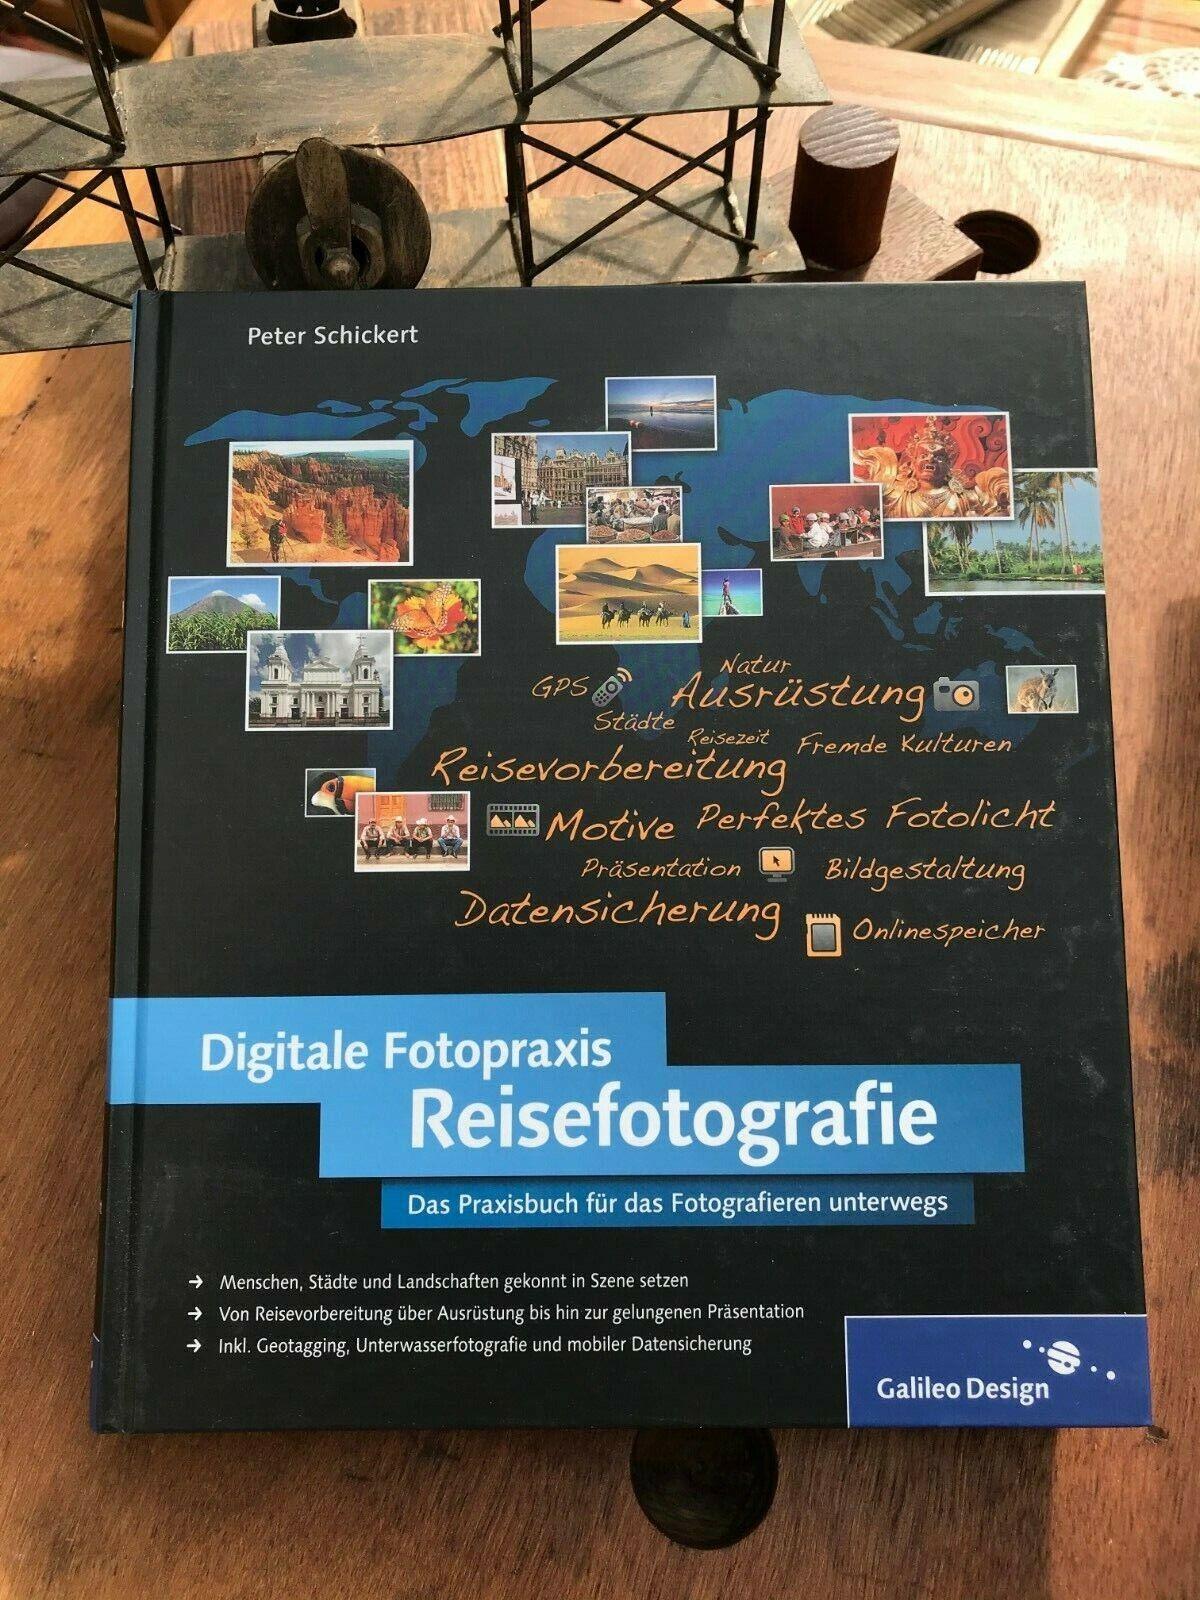 Digitale Fotopraxis Reisefotografie - Peter Schickert - fotografieren unterwegs - Peter Schickert